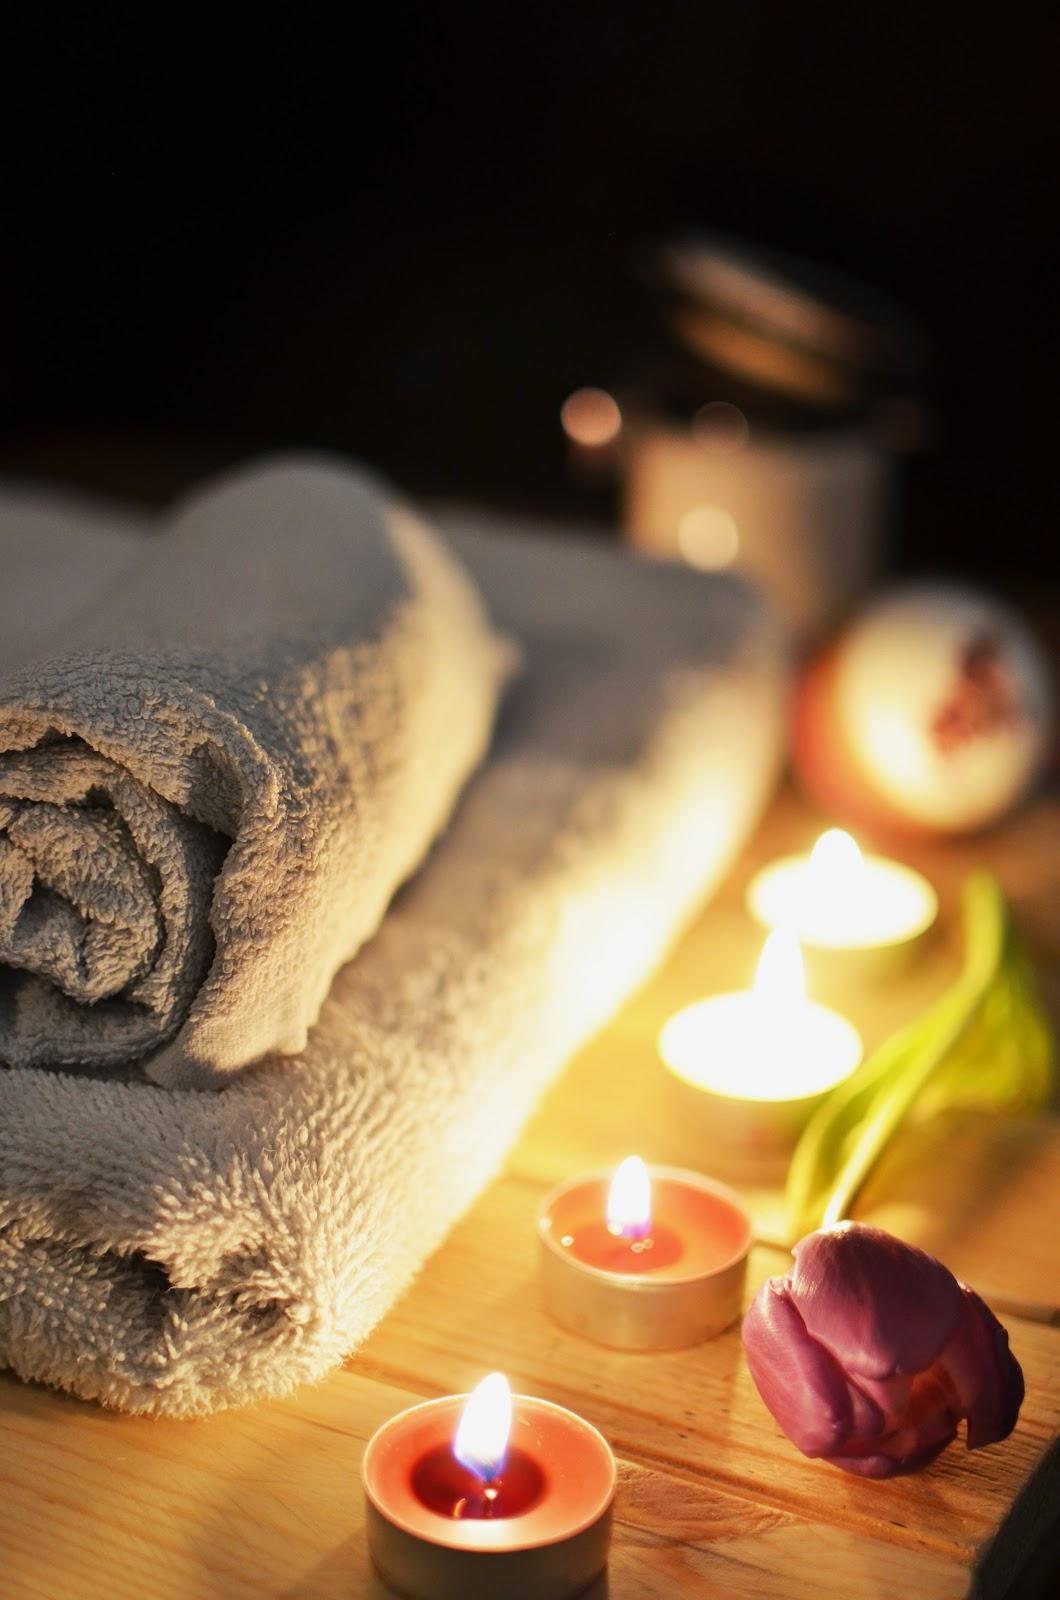 נרות מגבת פרח בספא